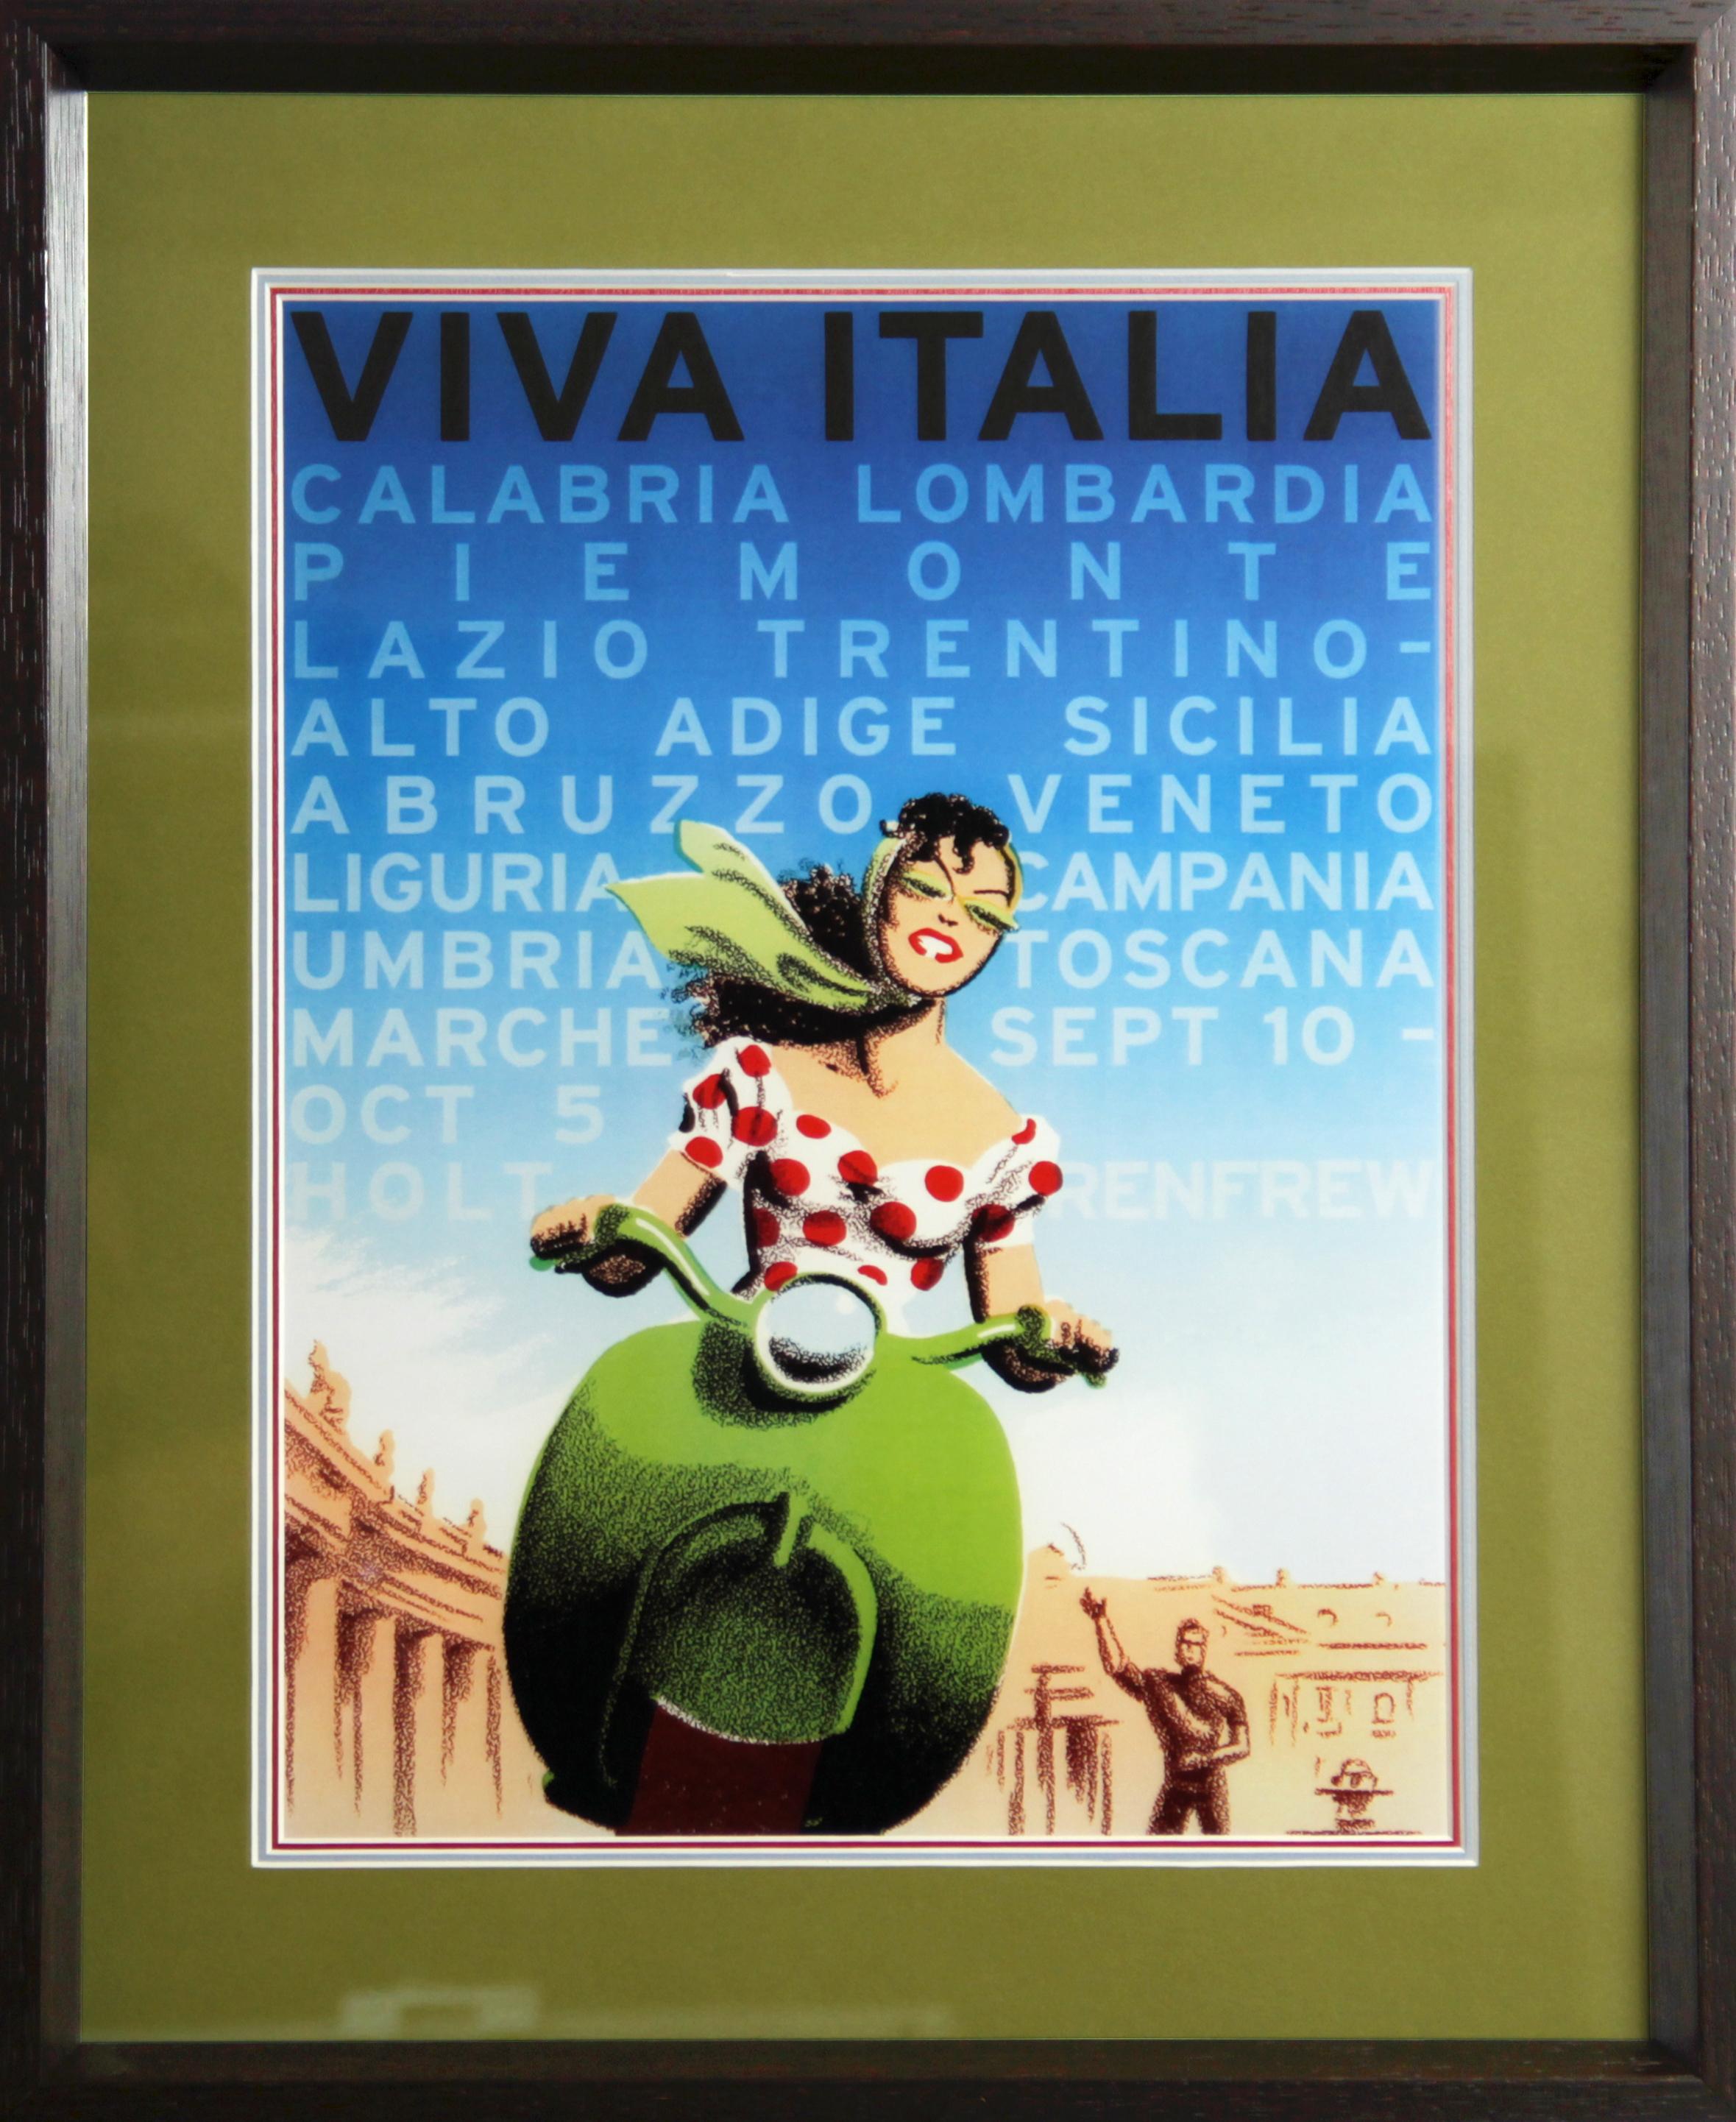 VivaItalia_IMG_2158.jpg